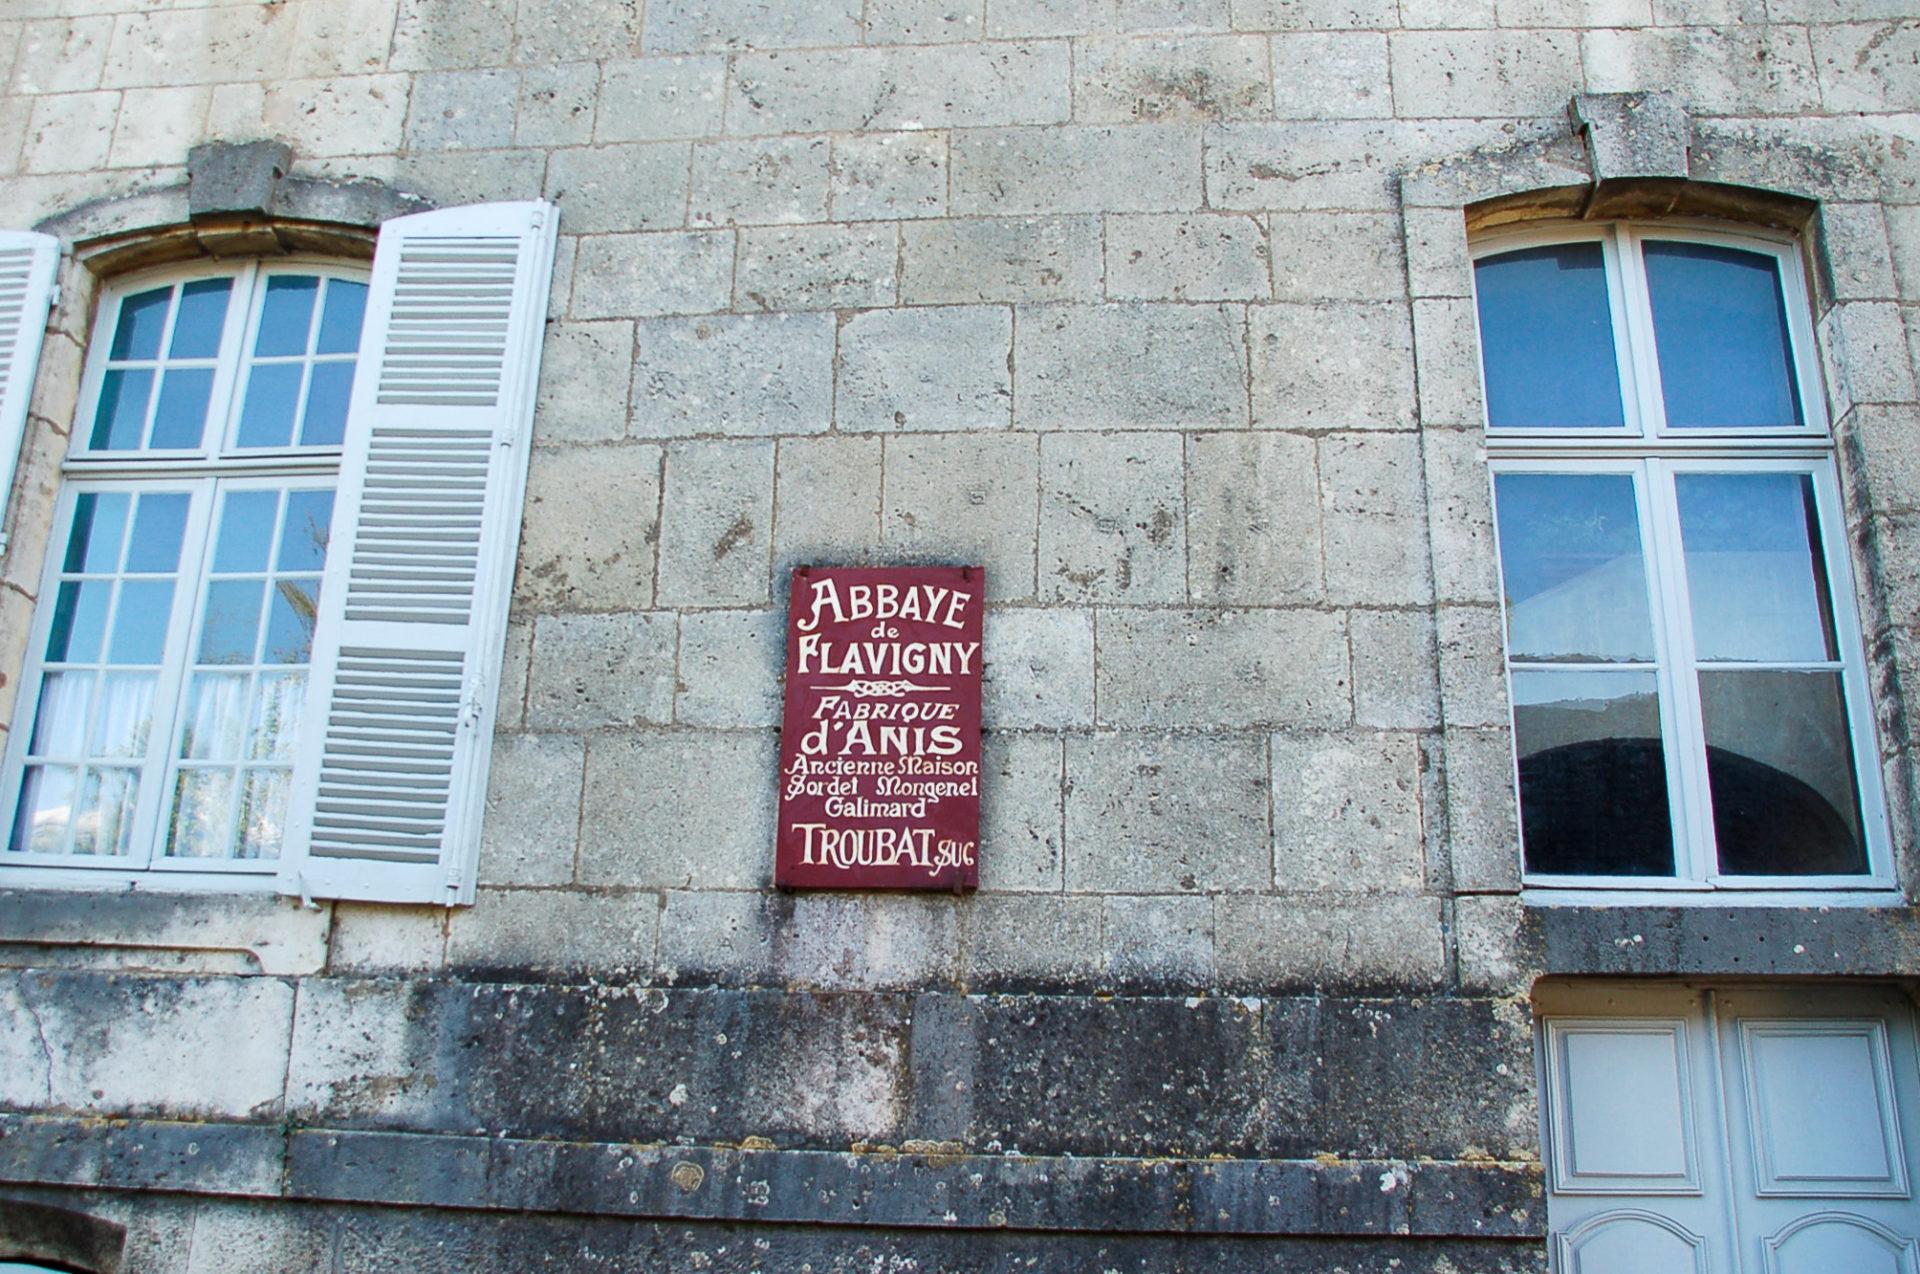 Die Fabrik der Anis de Flavigny befindet sich in einer alten Abtei